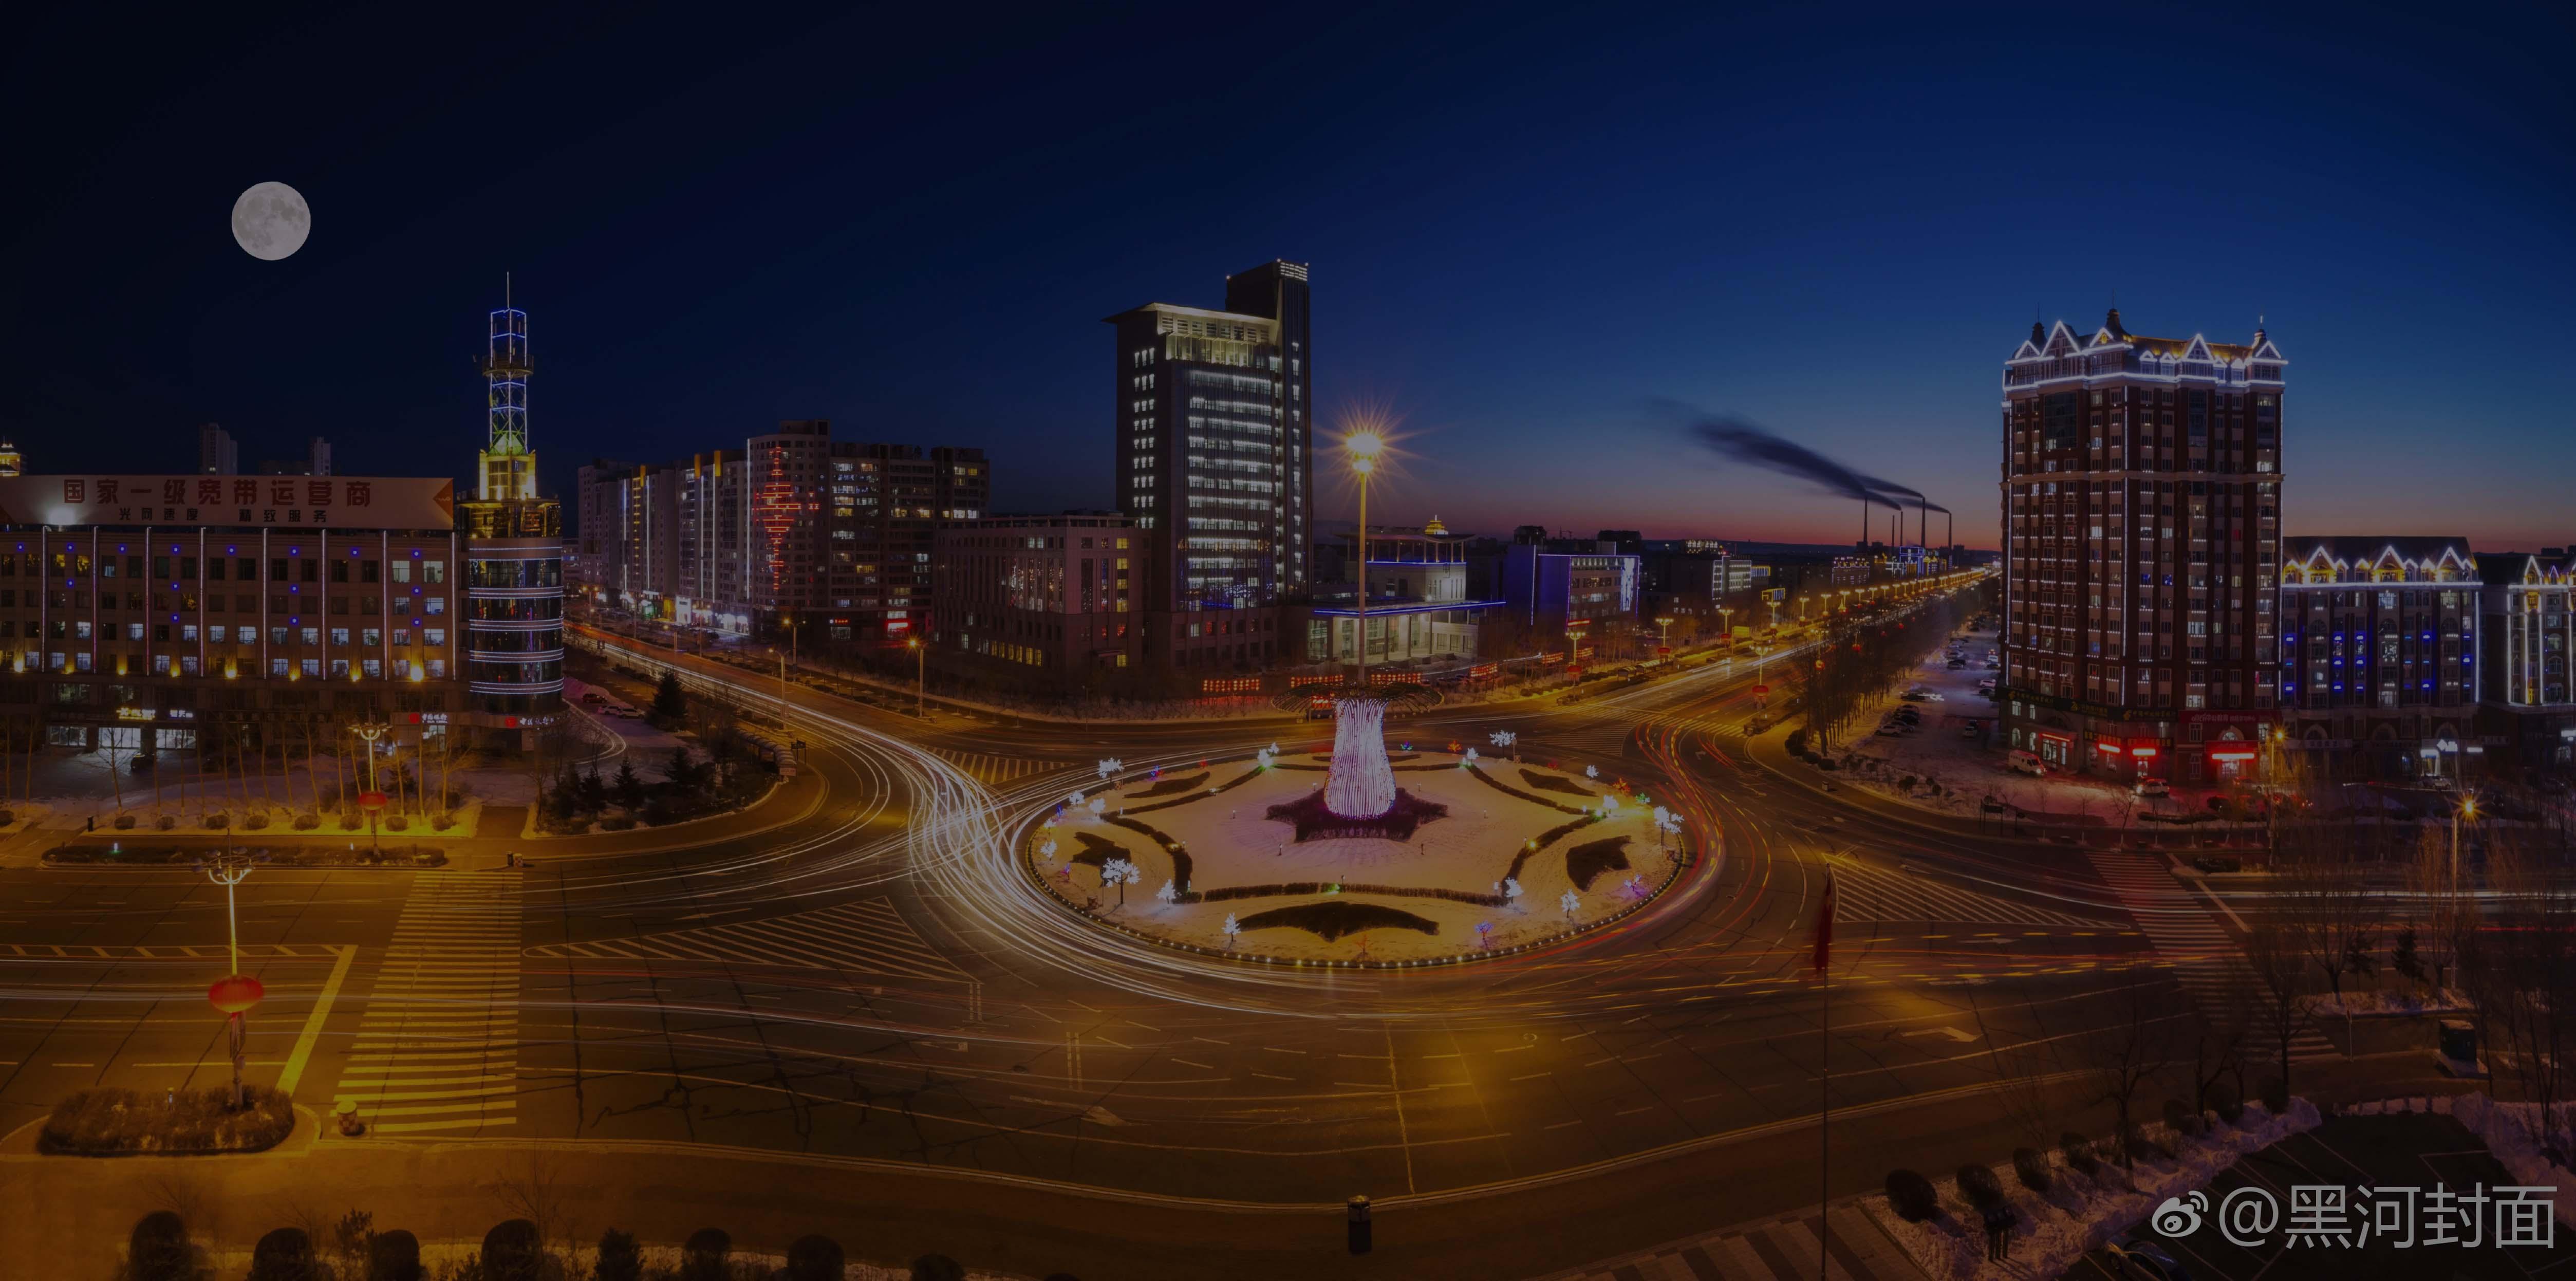 http://heihe-gid.ru/images/iacf1.JPG